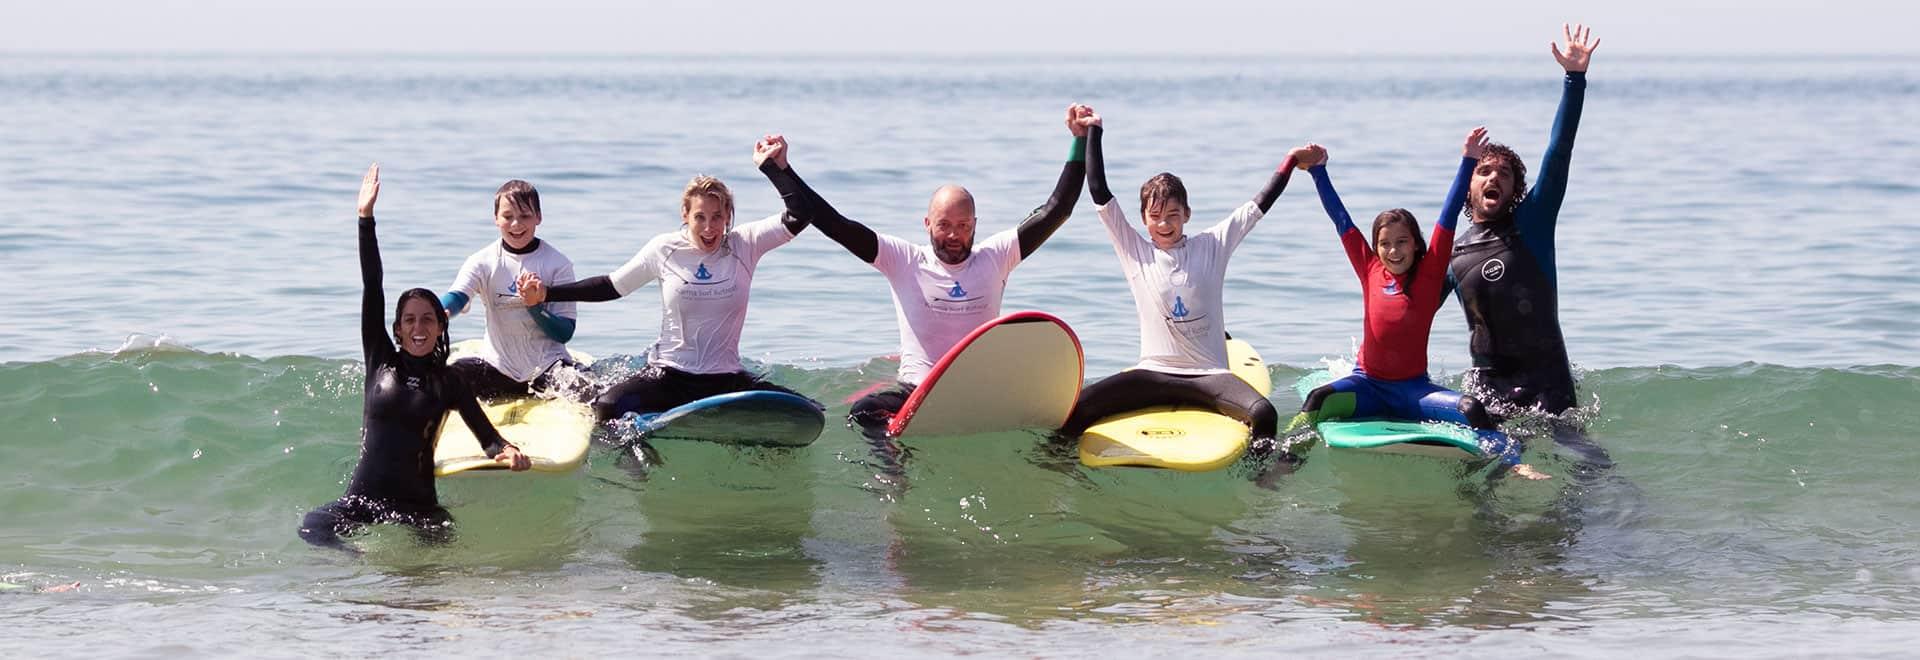 family surf kids lessons lisbon algarve